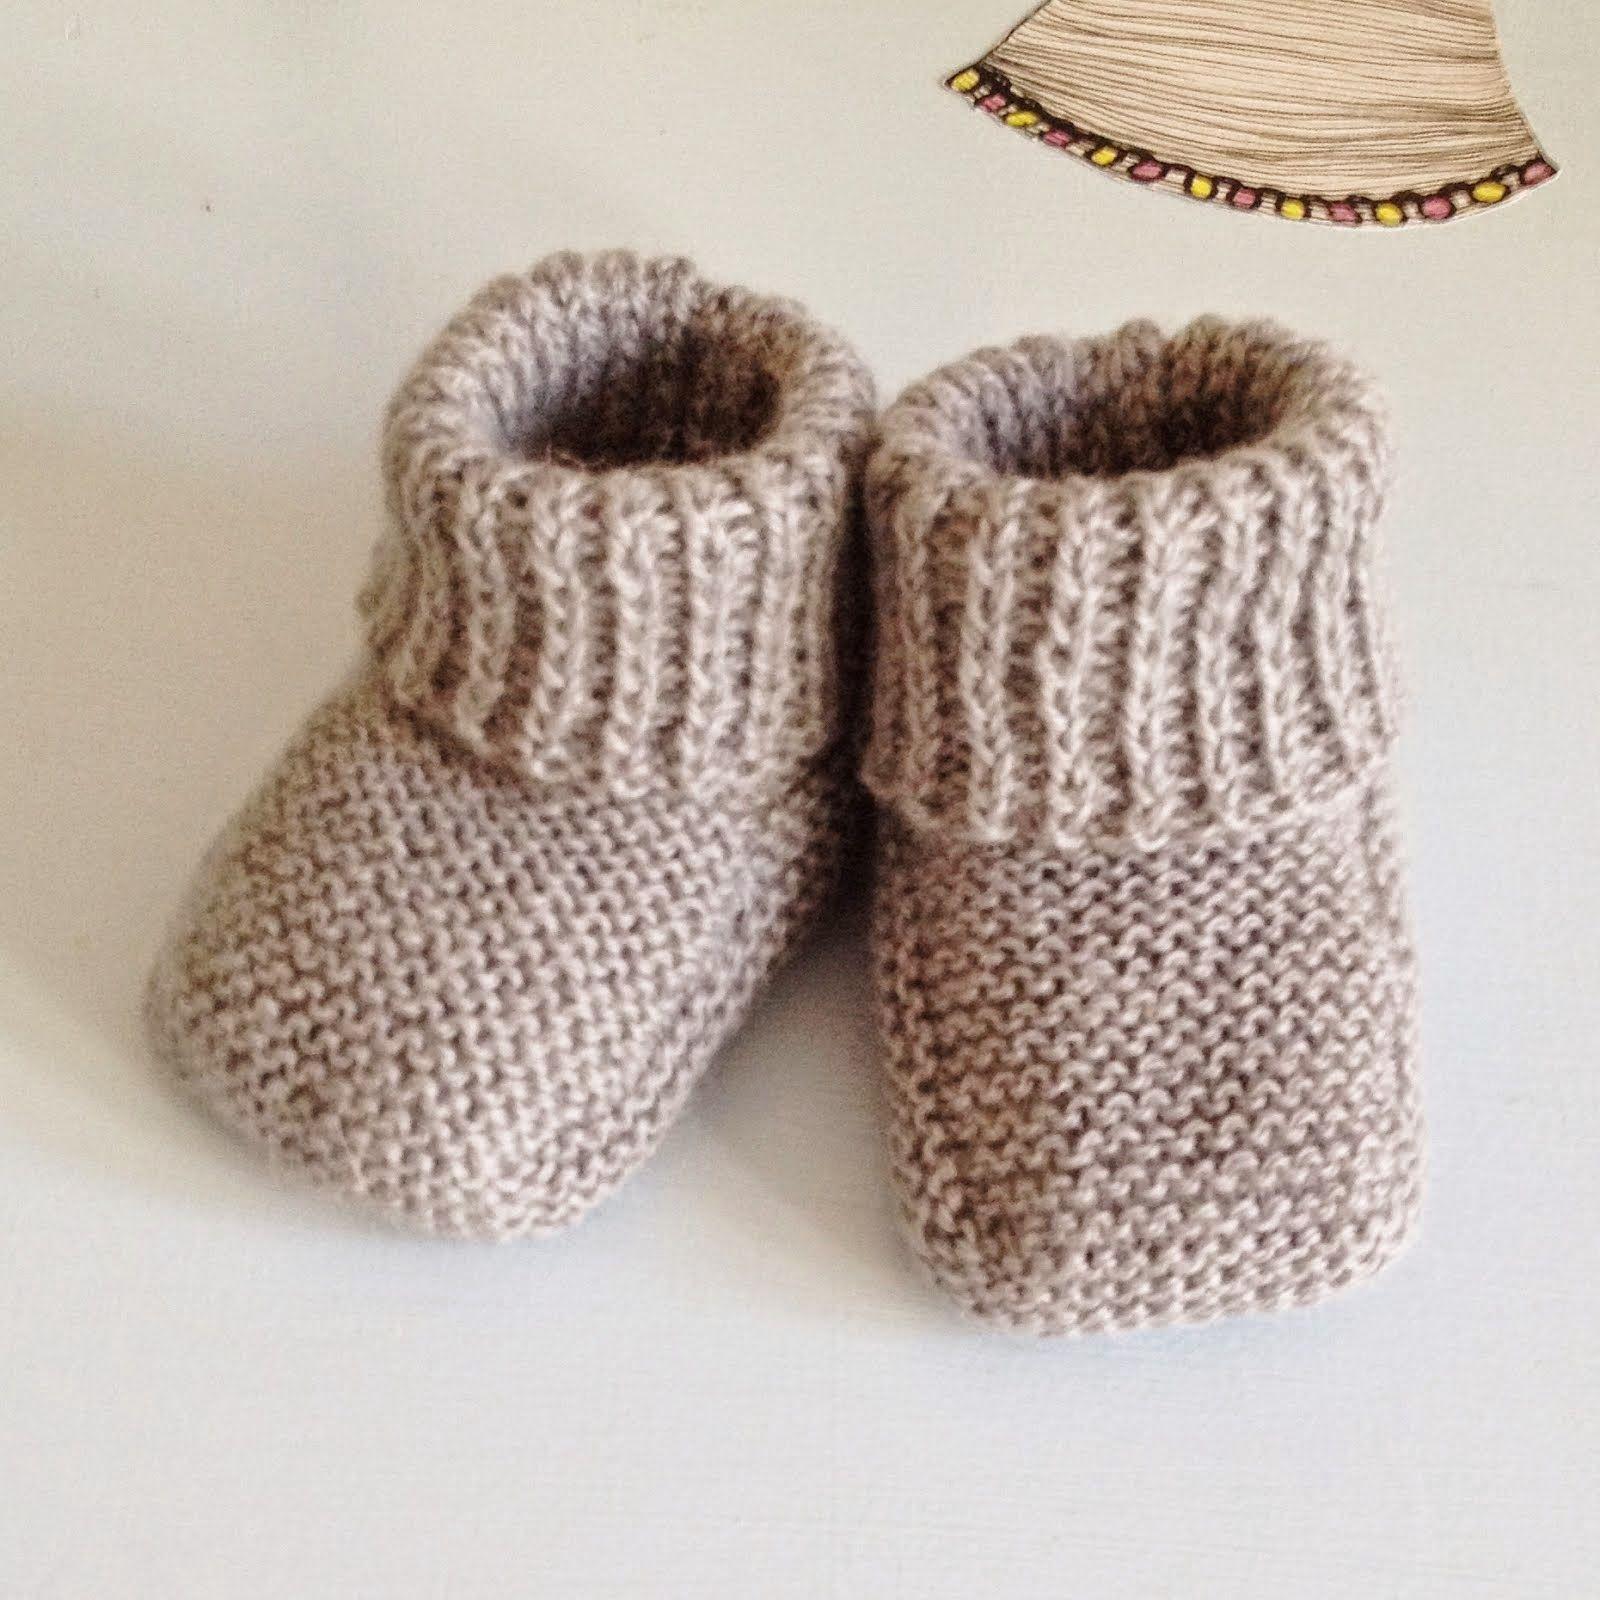 6d7a8c8e476 Gratis Opskrift På Babyfutter Babystrikning, Hæklede Sutsko, Baby Outfits,  Sko, Opskrifter,